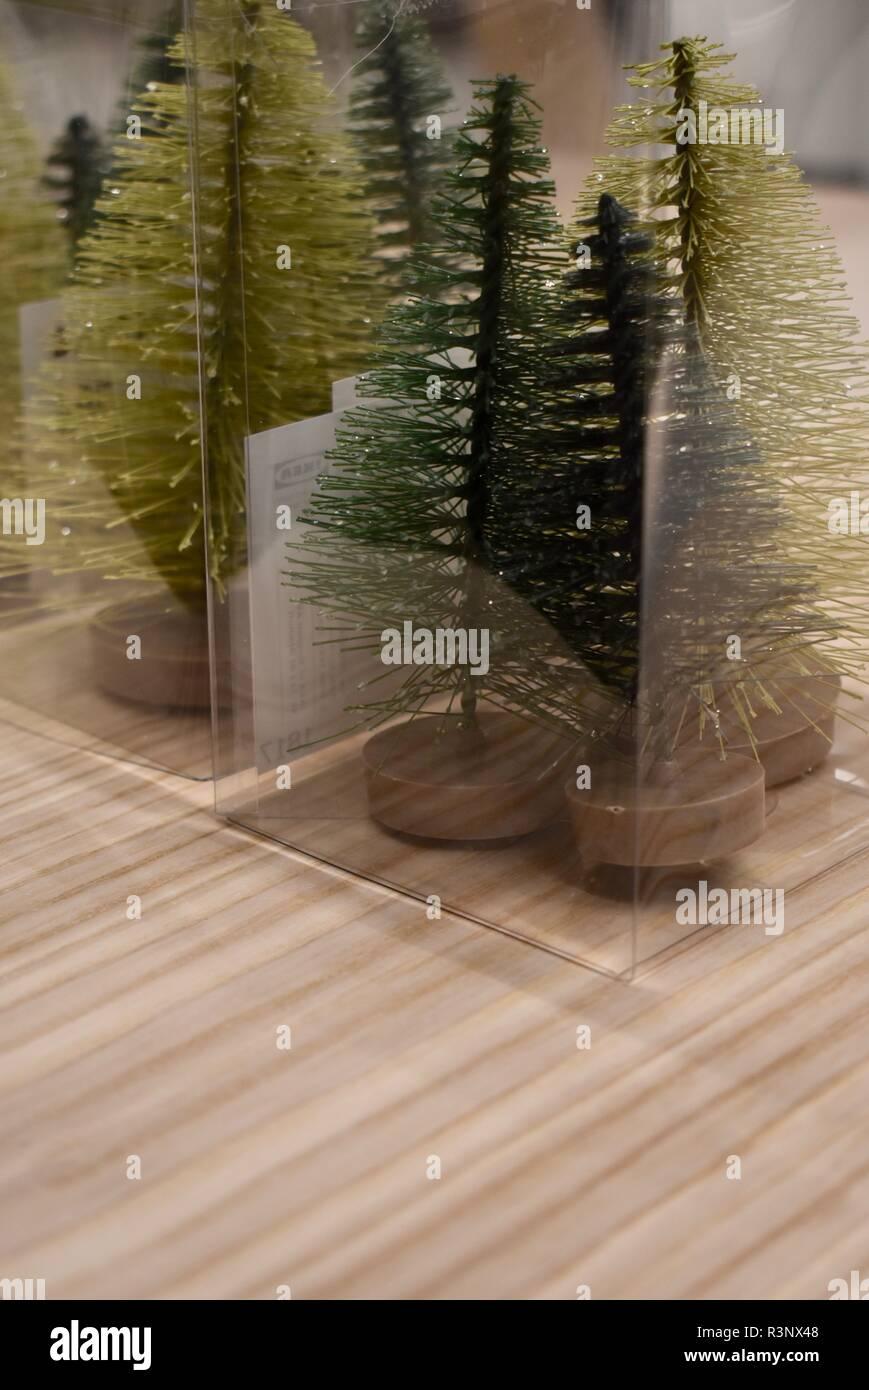 Künstlicher Tannenbaum Ikea.Kleine Plastik Weihnachtsbäume Auf Einem Holztisch Zum Verkauf Ich